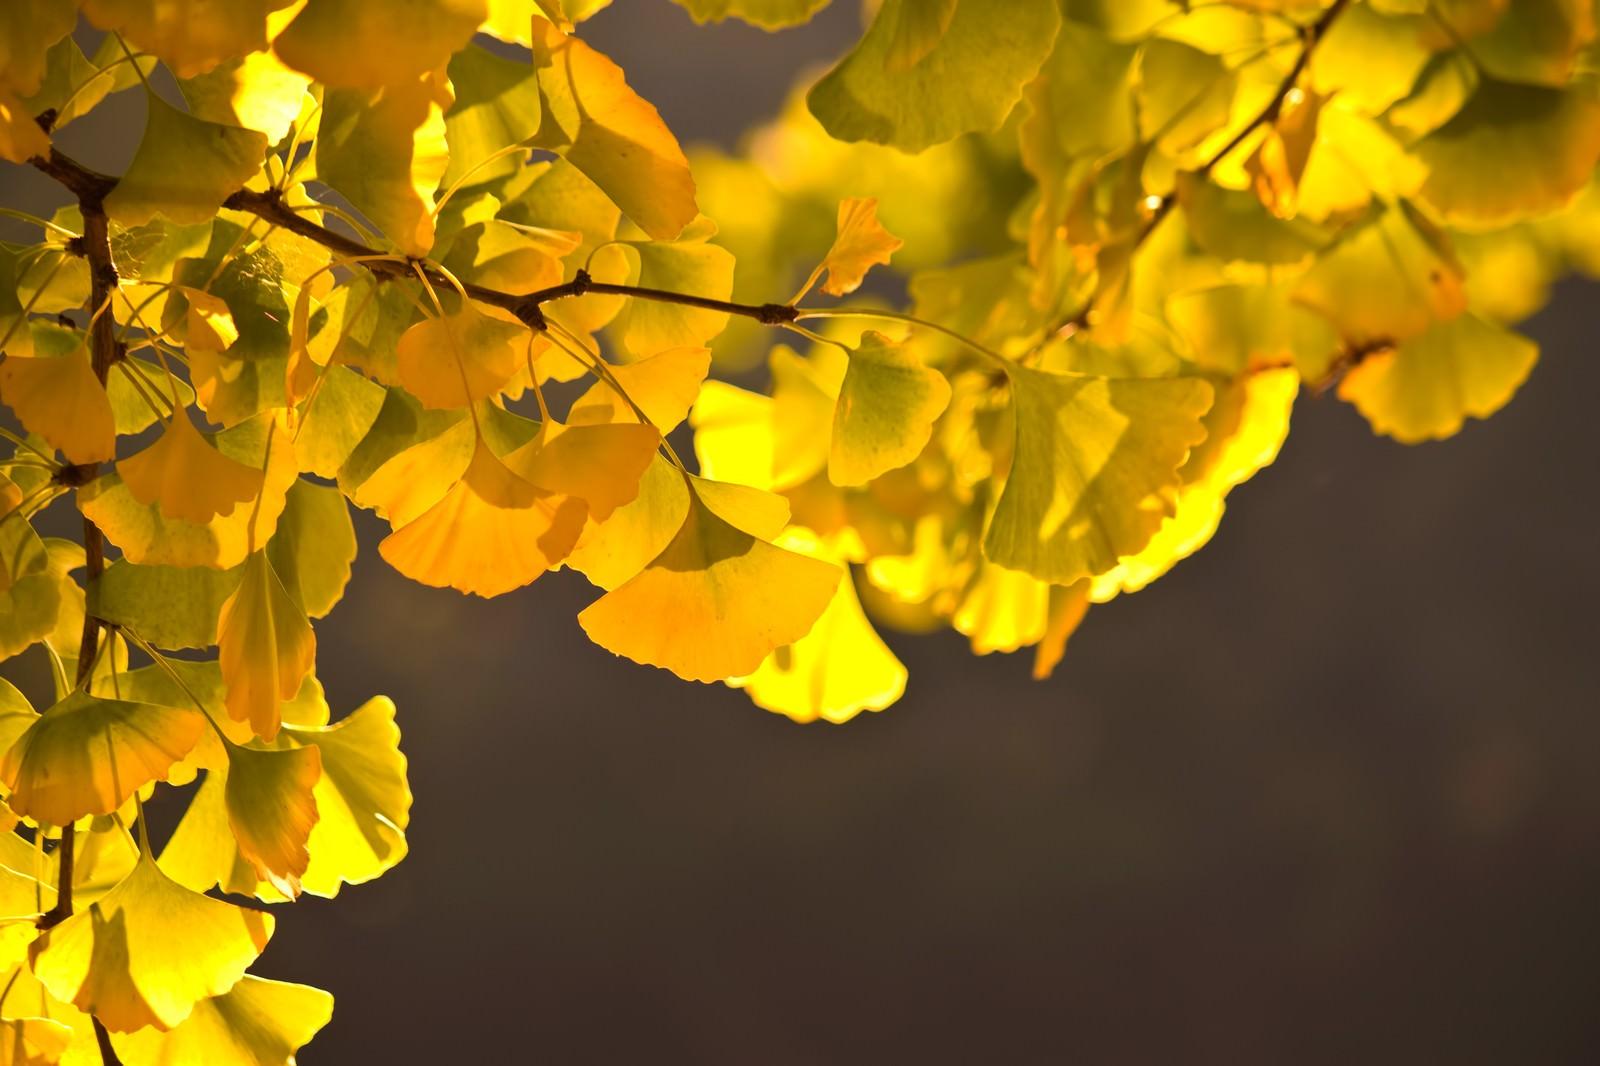 「黄色く紅葉したイチョウの葉黄色く紅葉したイチョウの葉」のフリー写真素材を拡大